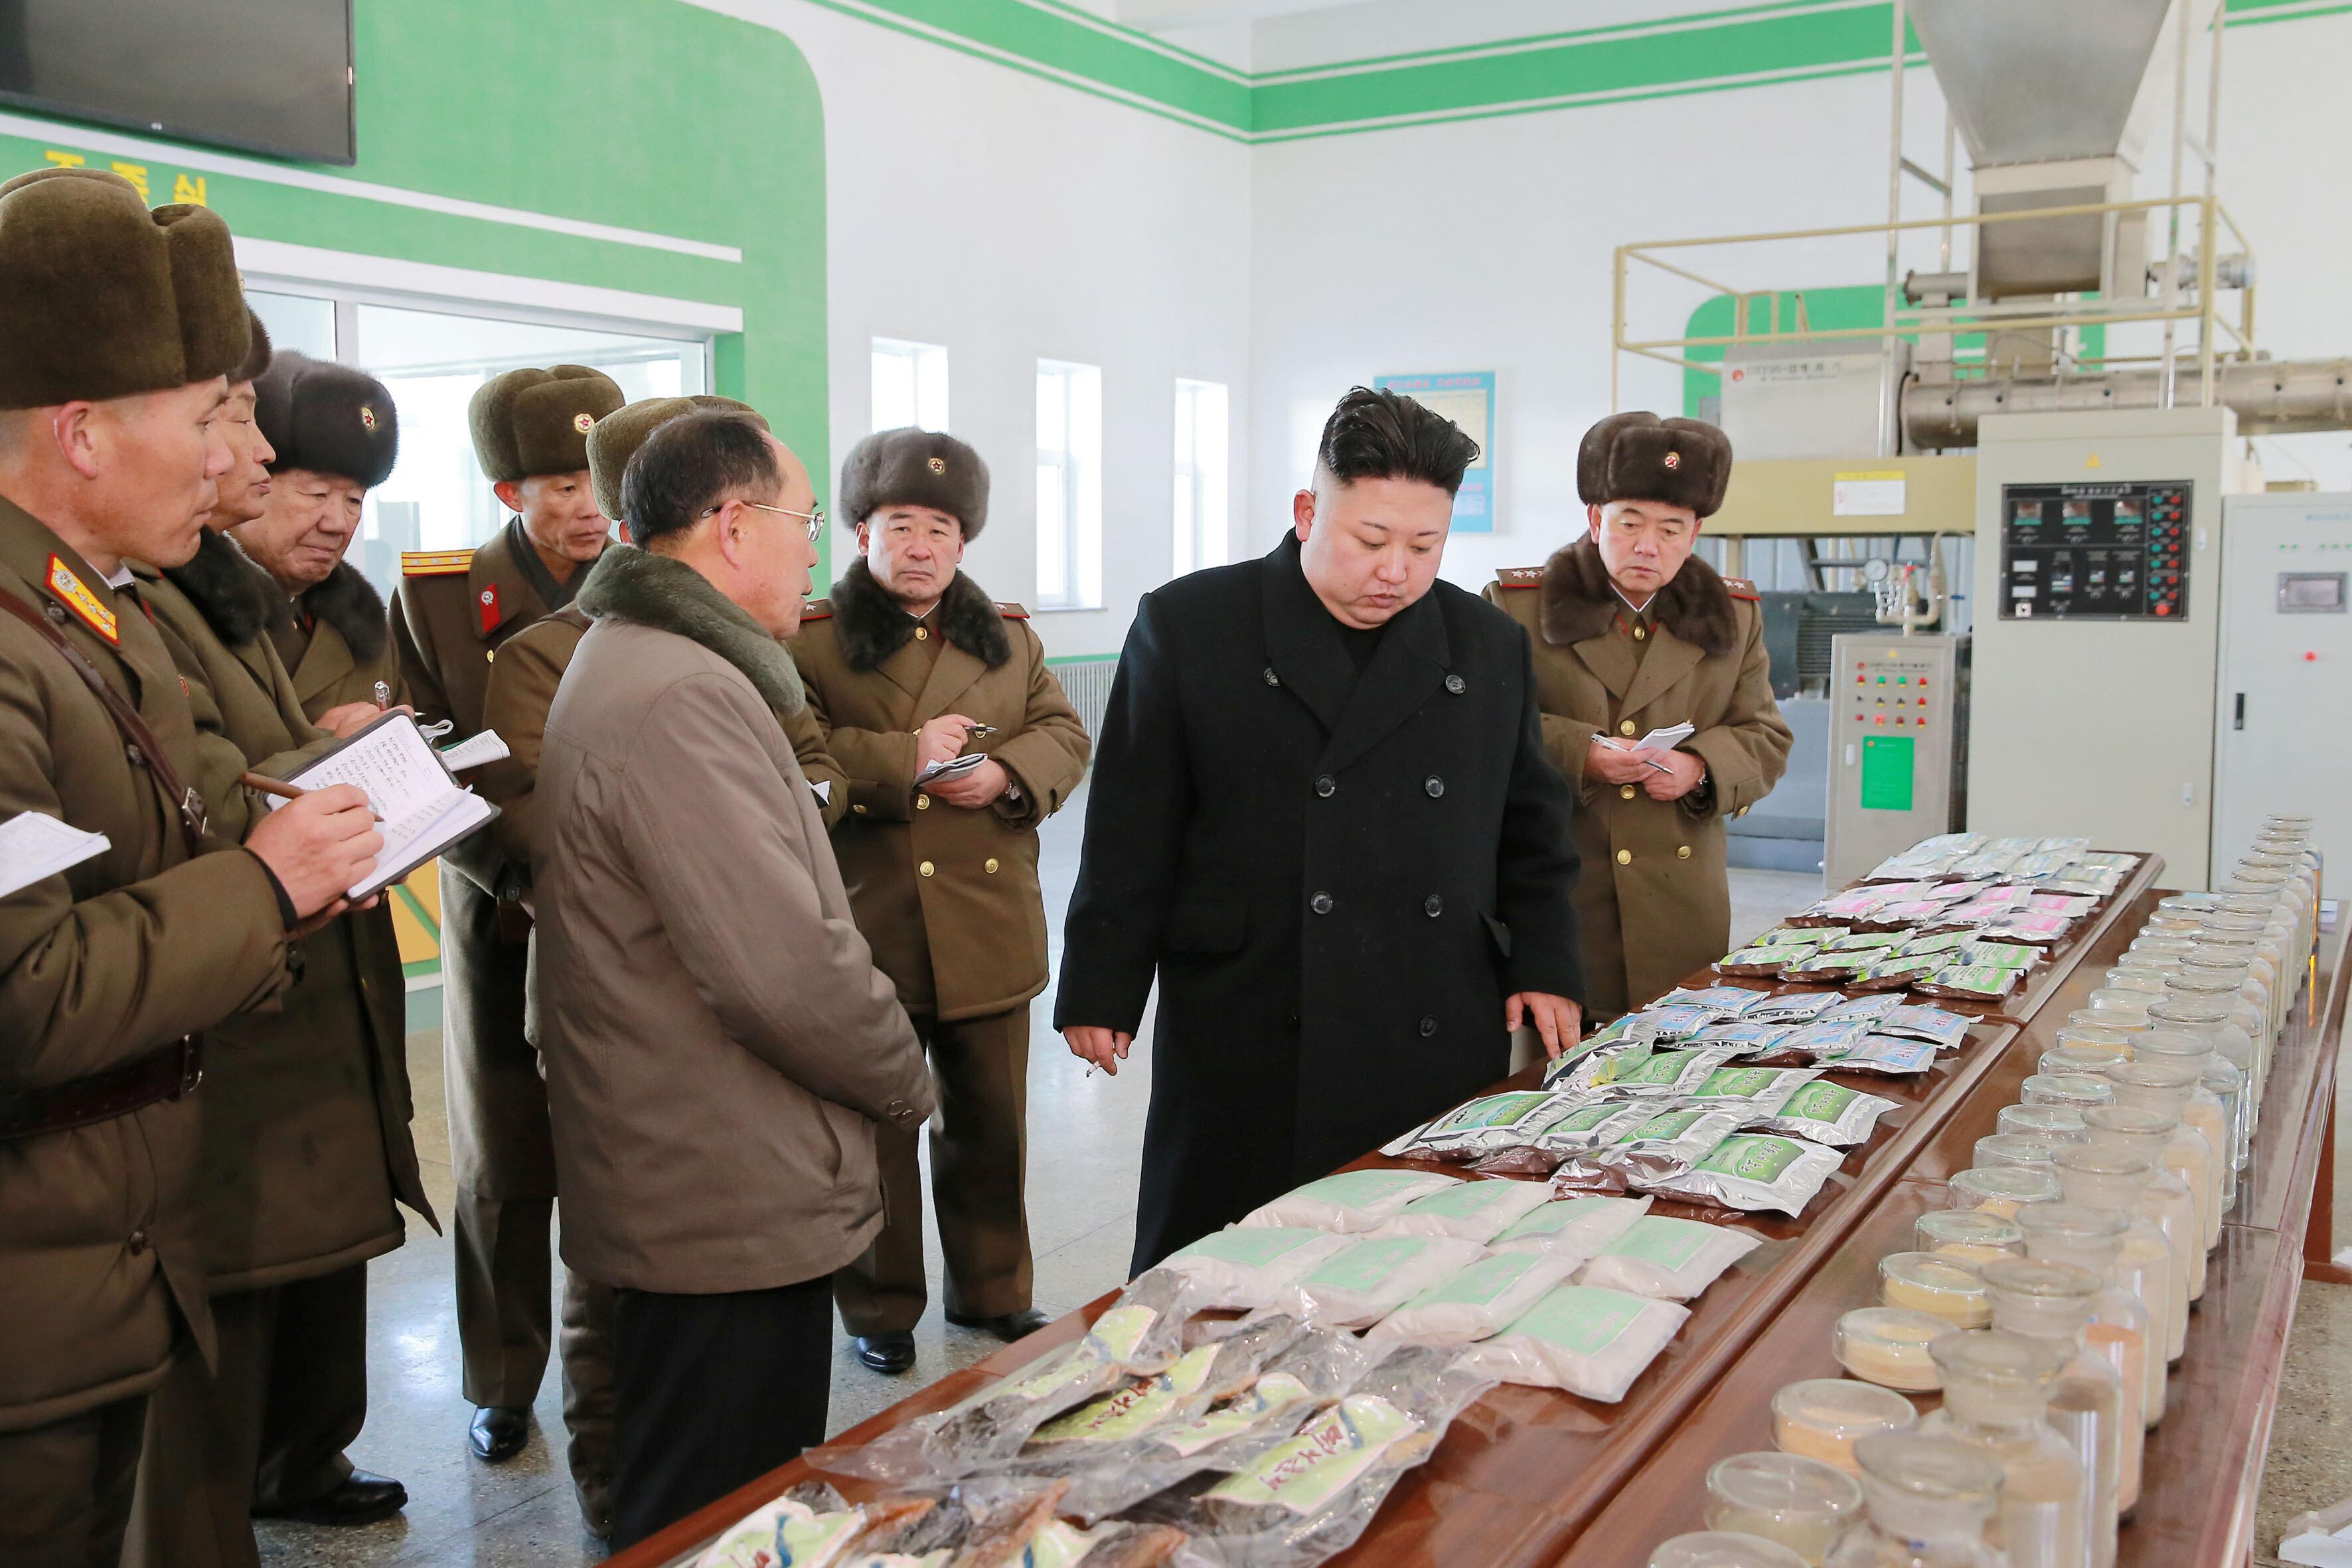 Βόρεια Κορέα: Ο Κιμ μειώνει τις μερίδες φαγητού σε 300 γραμμάρια την ημέρα ανά